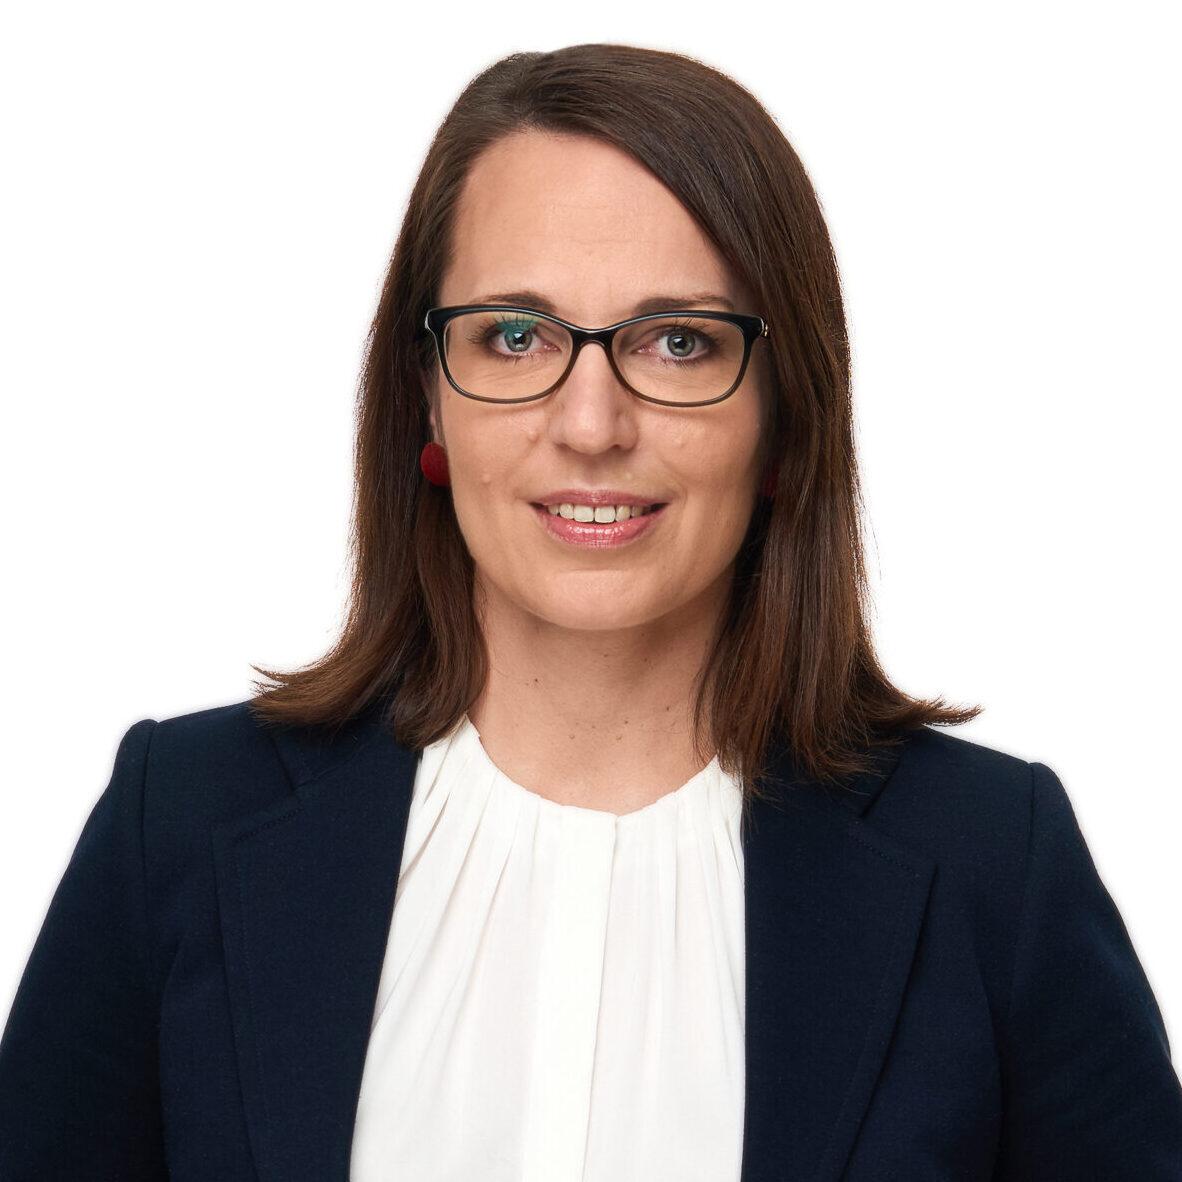 Miina Martin